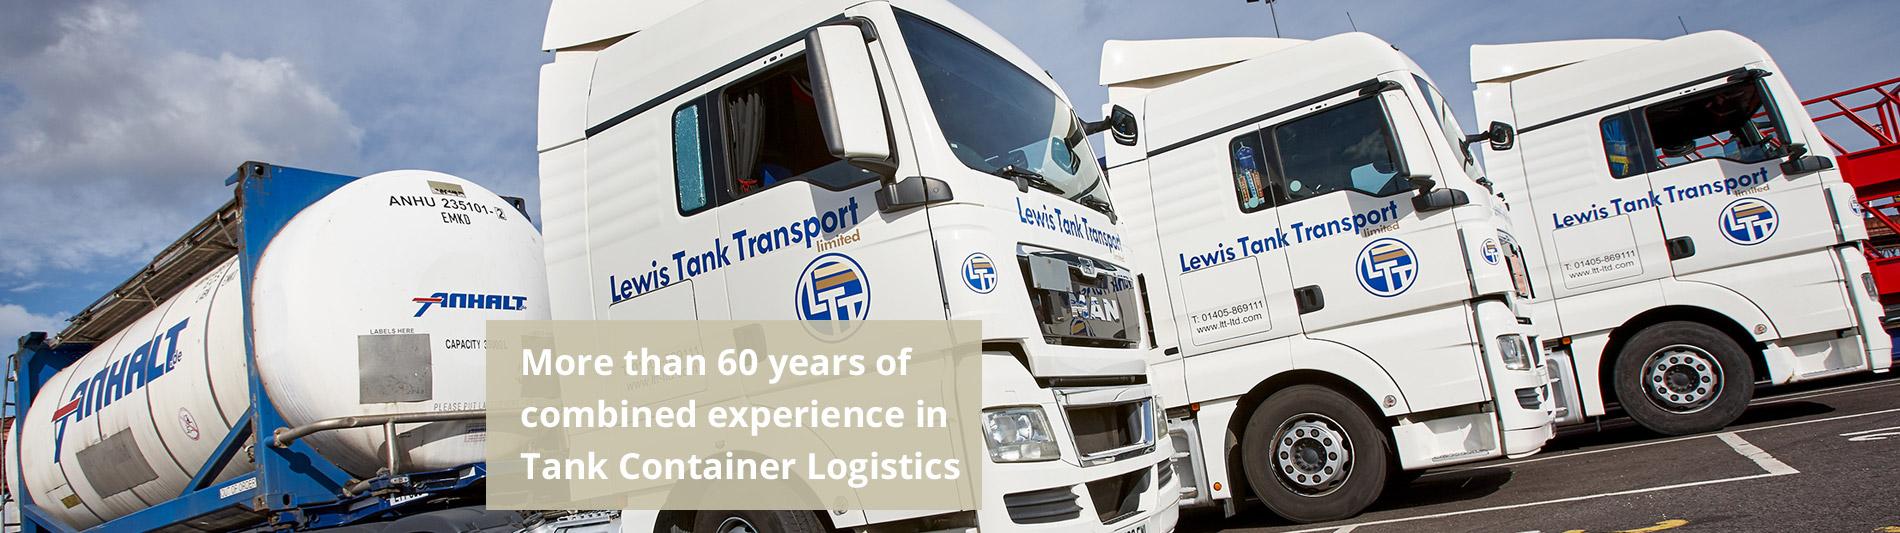 Tank Transport UK and Europe - Lewis Tank Transport